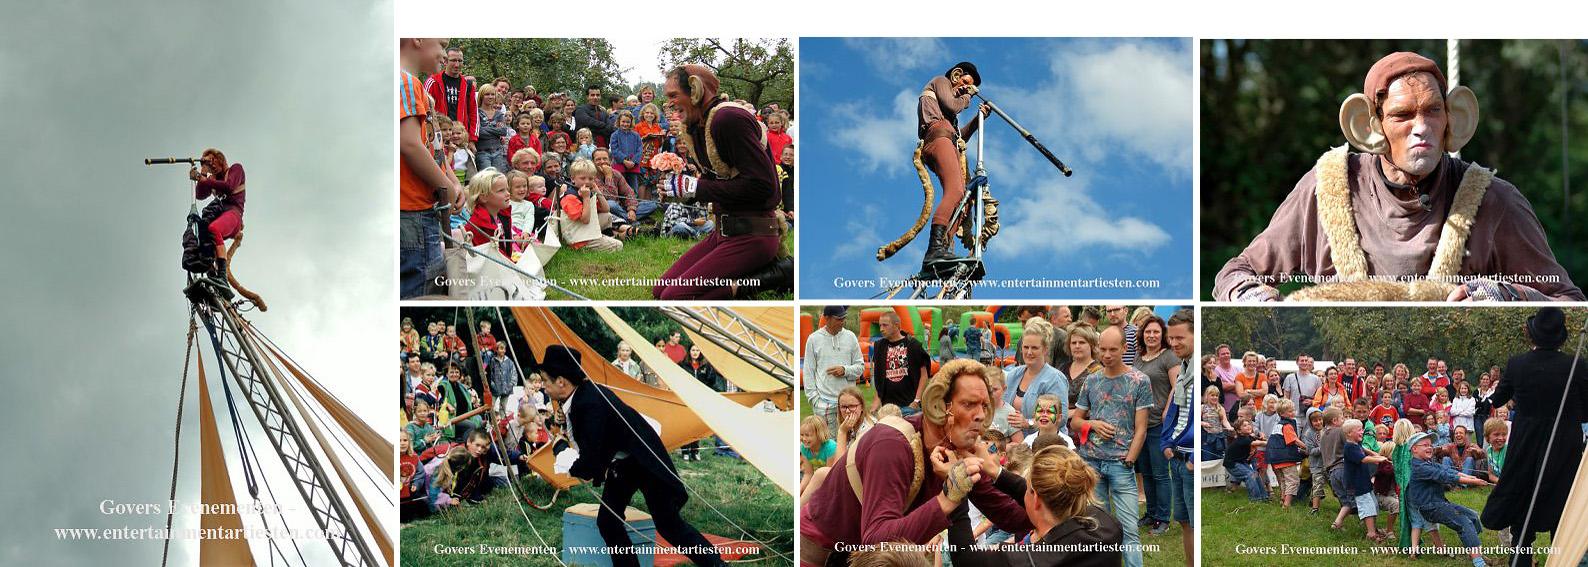 Acrobatiek Straattheater kindertheater, kinderfeestje organiseren, artiesten boeken, artiesten inhuren, festival entertainment, Govers Evenementen, www.goversartiesten.nl